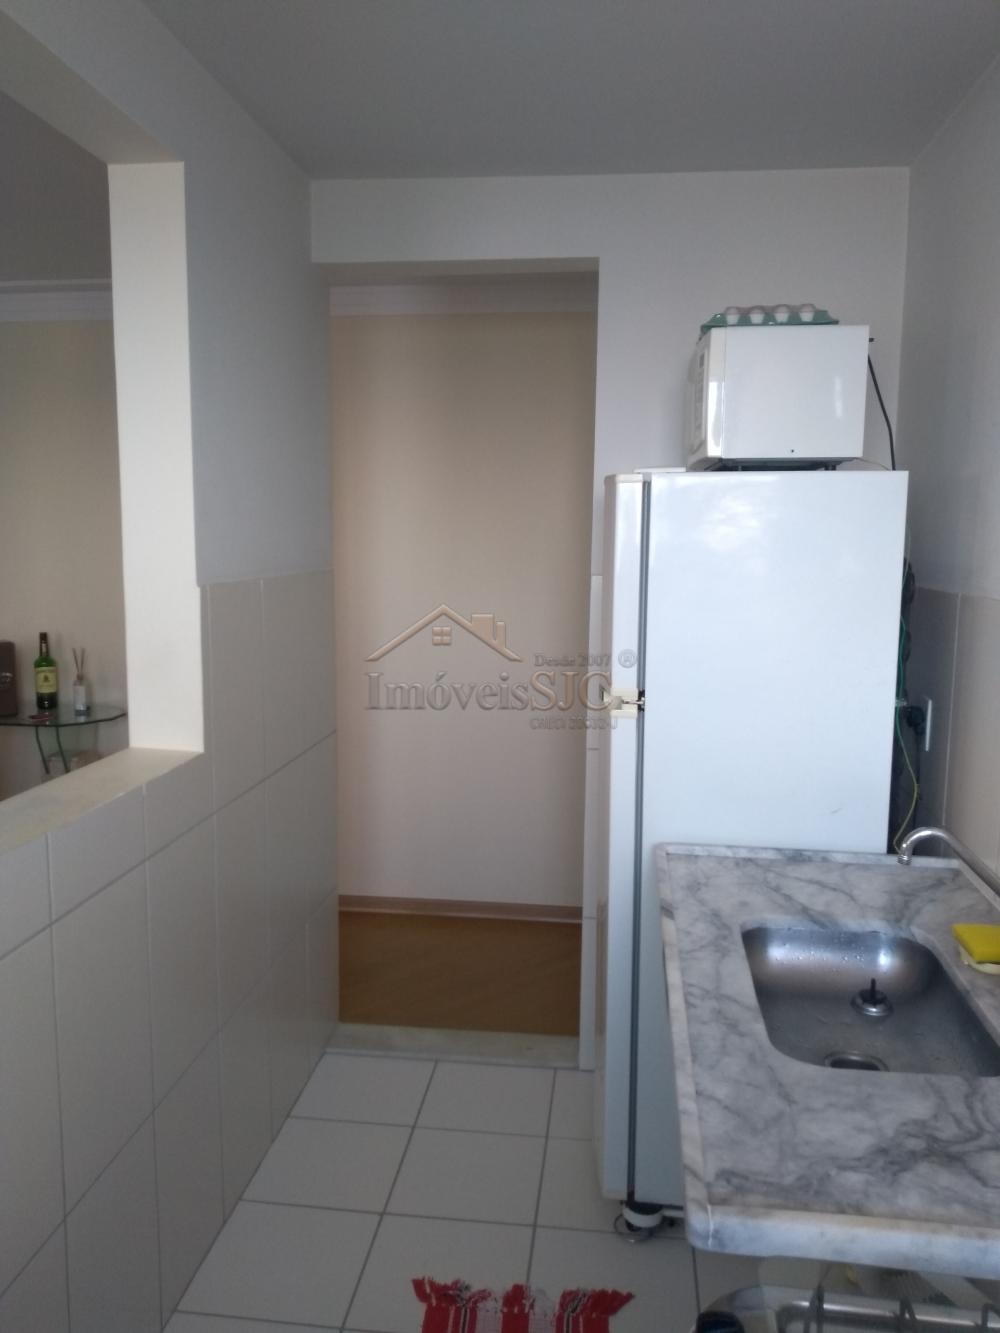 Comprar Apartamentos / Padrão em São José dos Campos apenas R$ 178.000,00 - Foto 9